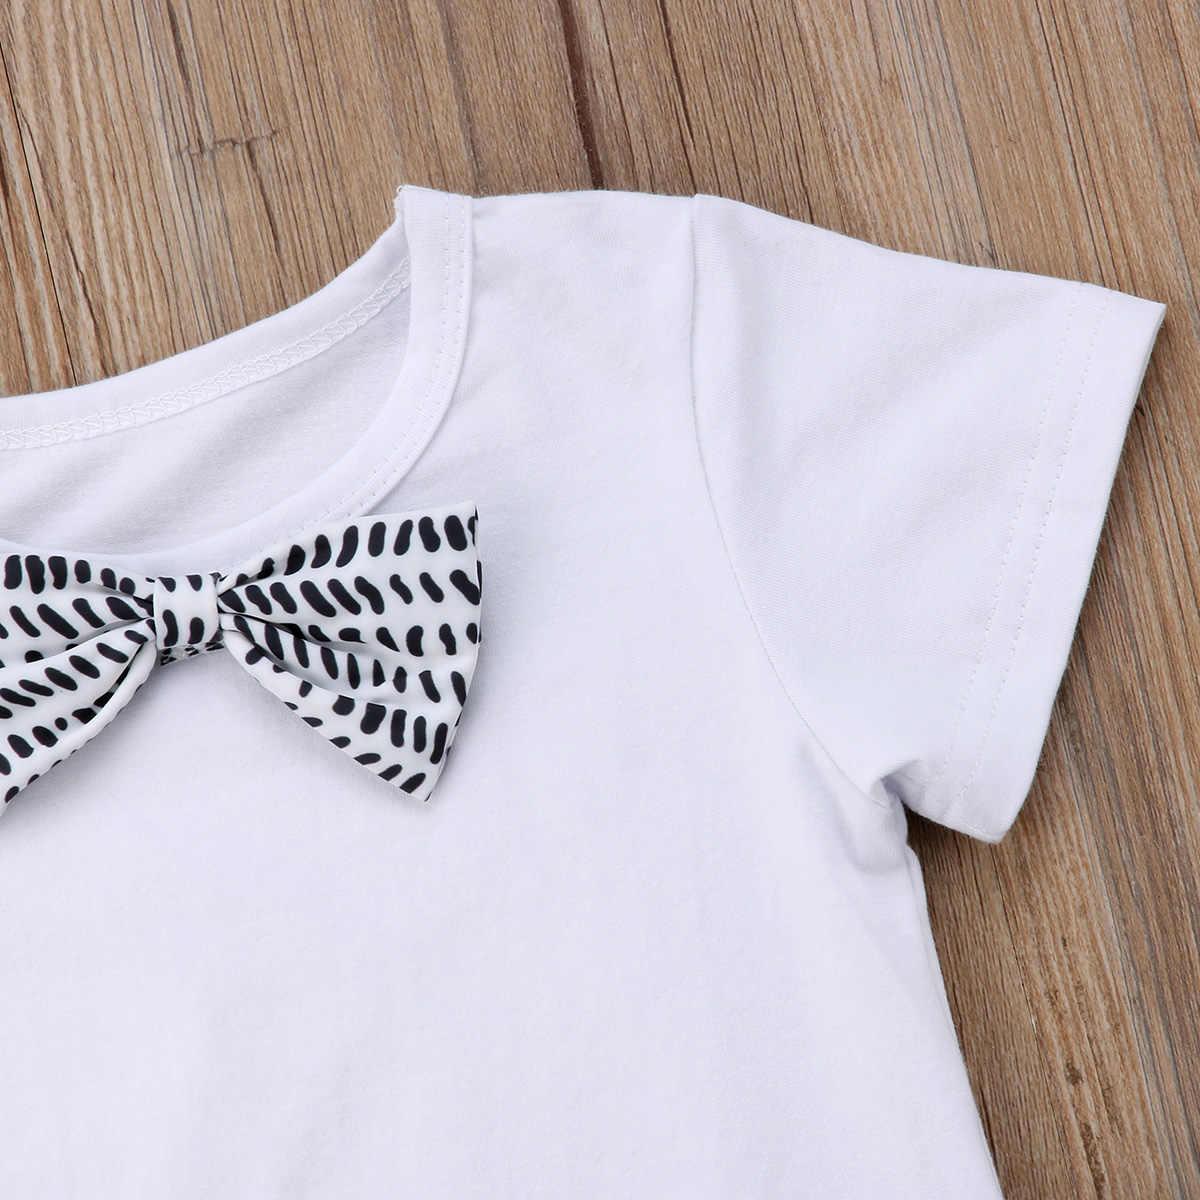 2018 NOVO Bebê Recém-nascido Menino Arco Nó Tops T-shirt e Calças jardineiras Formal Do Partido vestido de Verão Roupas da moda bonito lovley selvagem CH